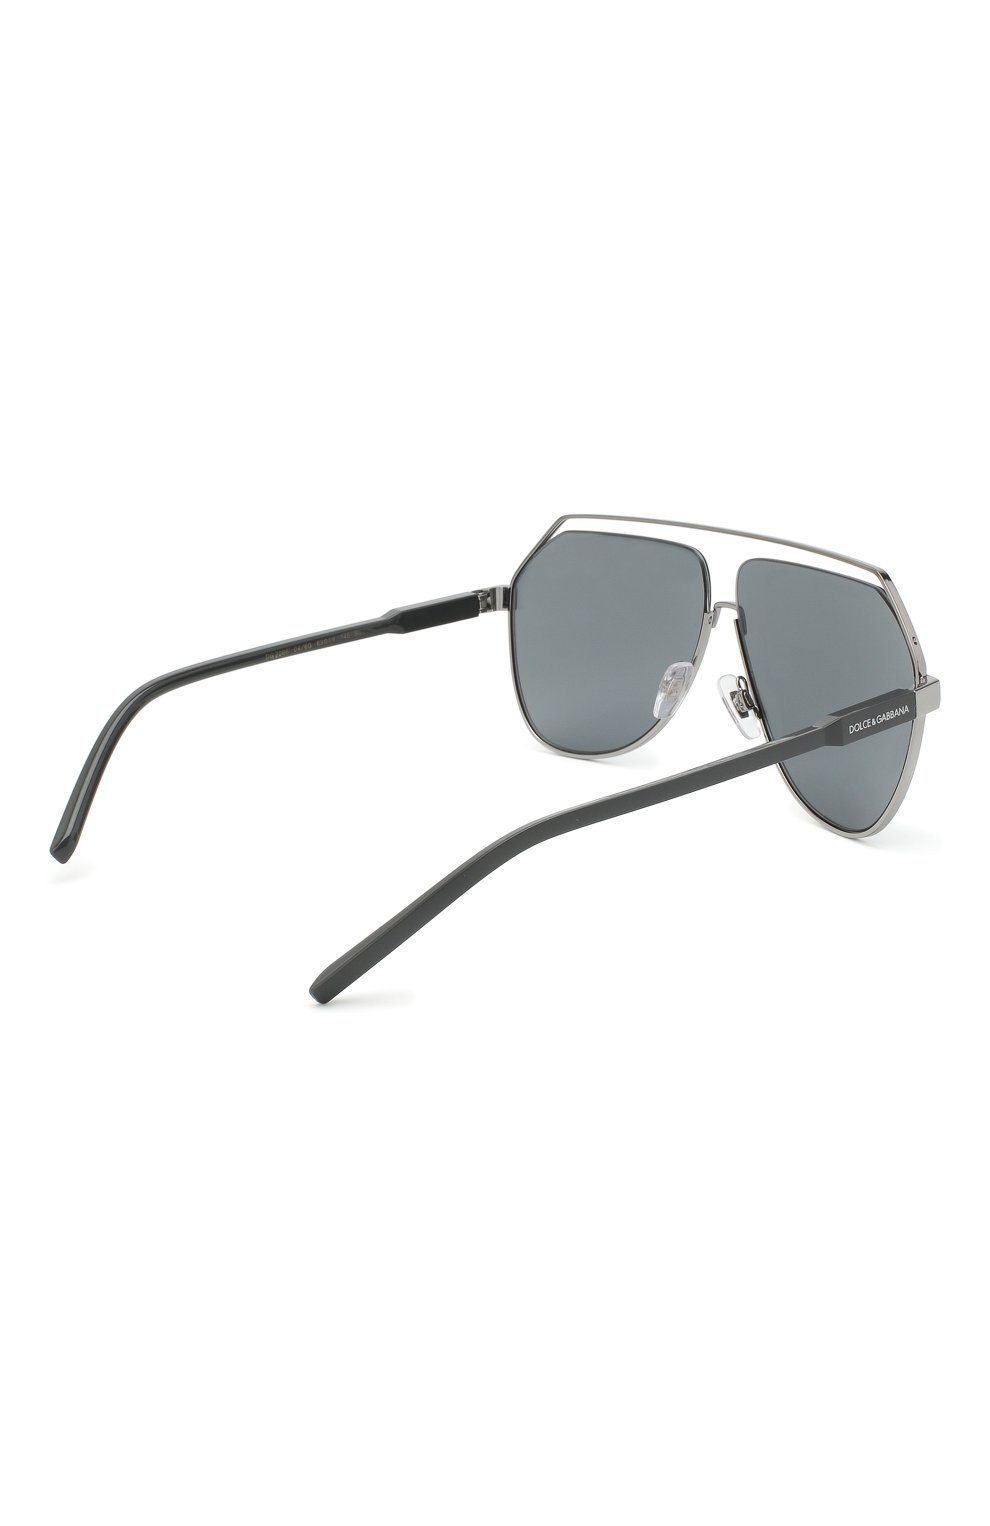 Мужские солнцезащитные очки DOLCE & GABBANA серебряного цвета, арт. 2266-04/6G | Фото 4